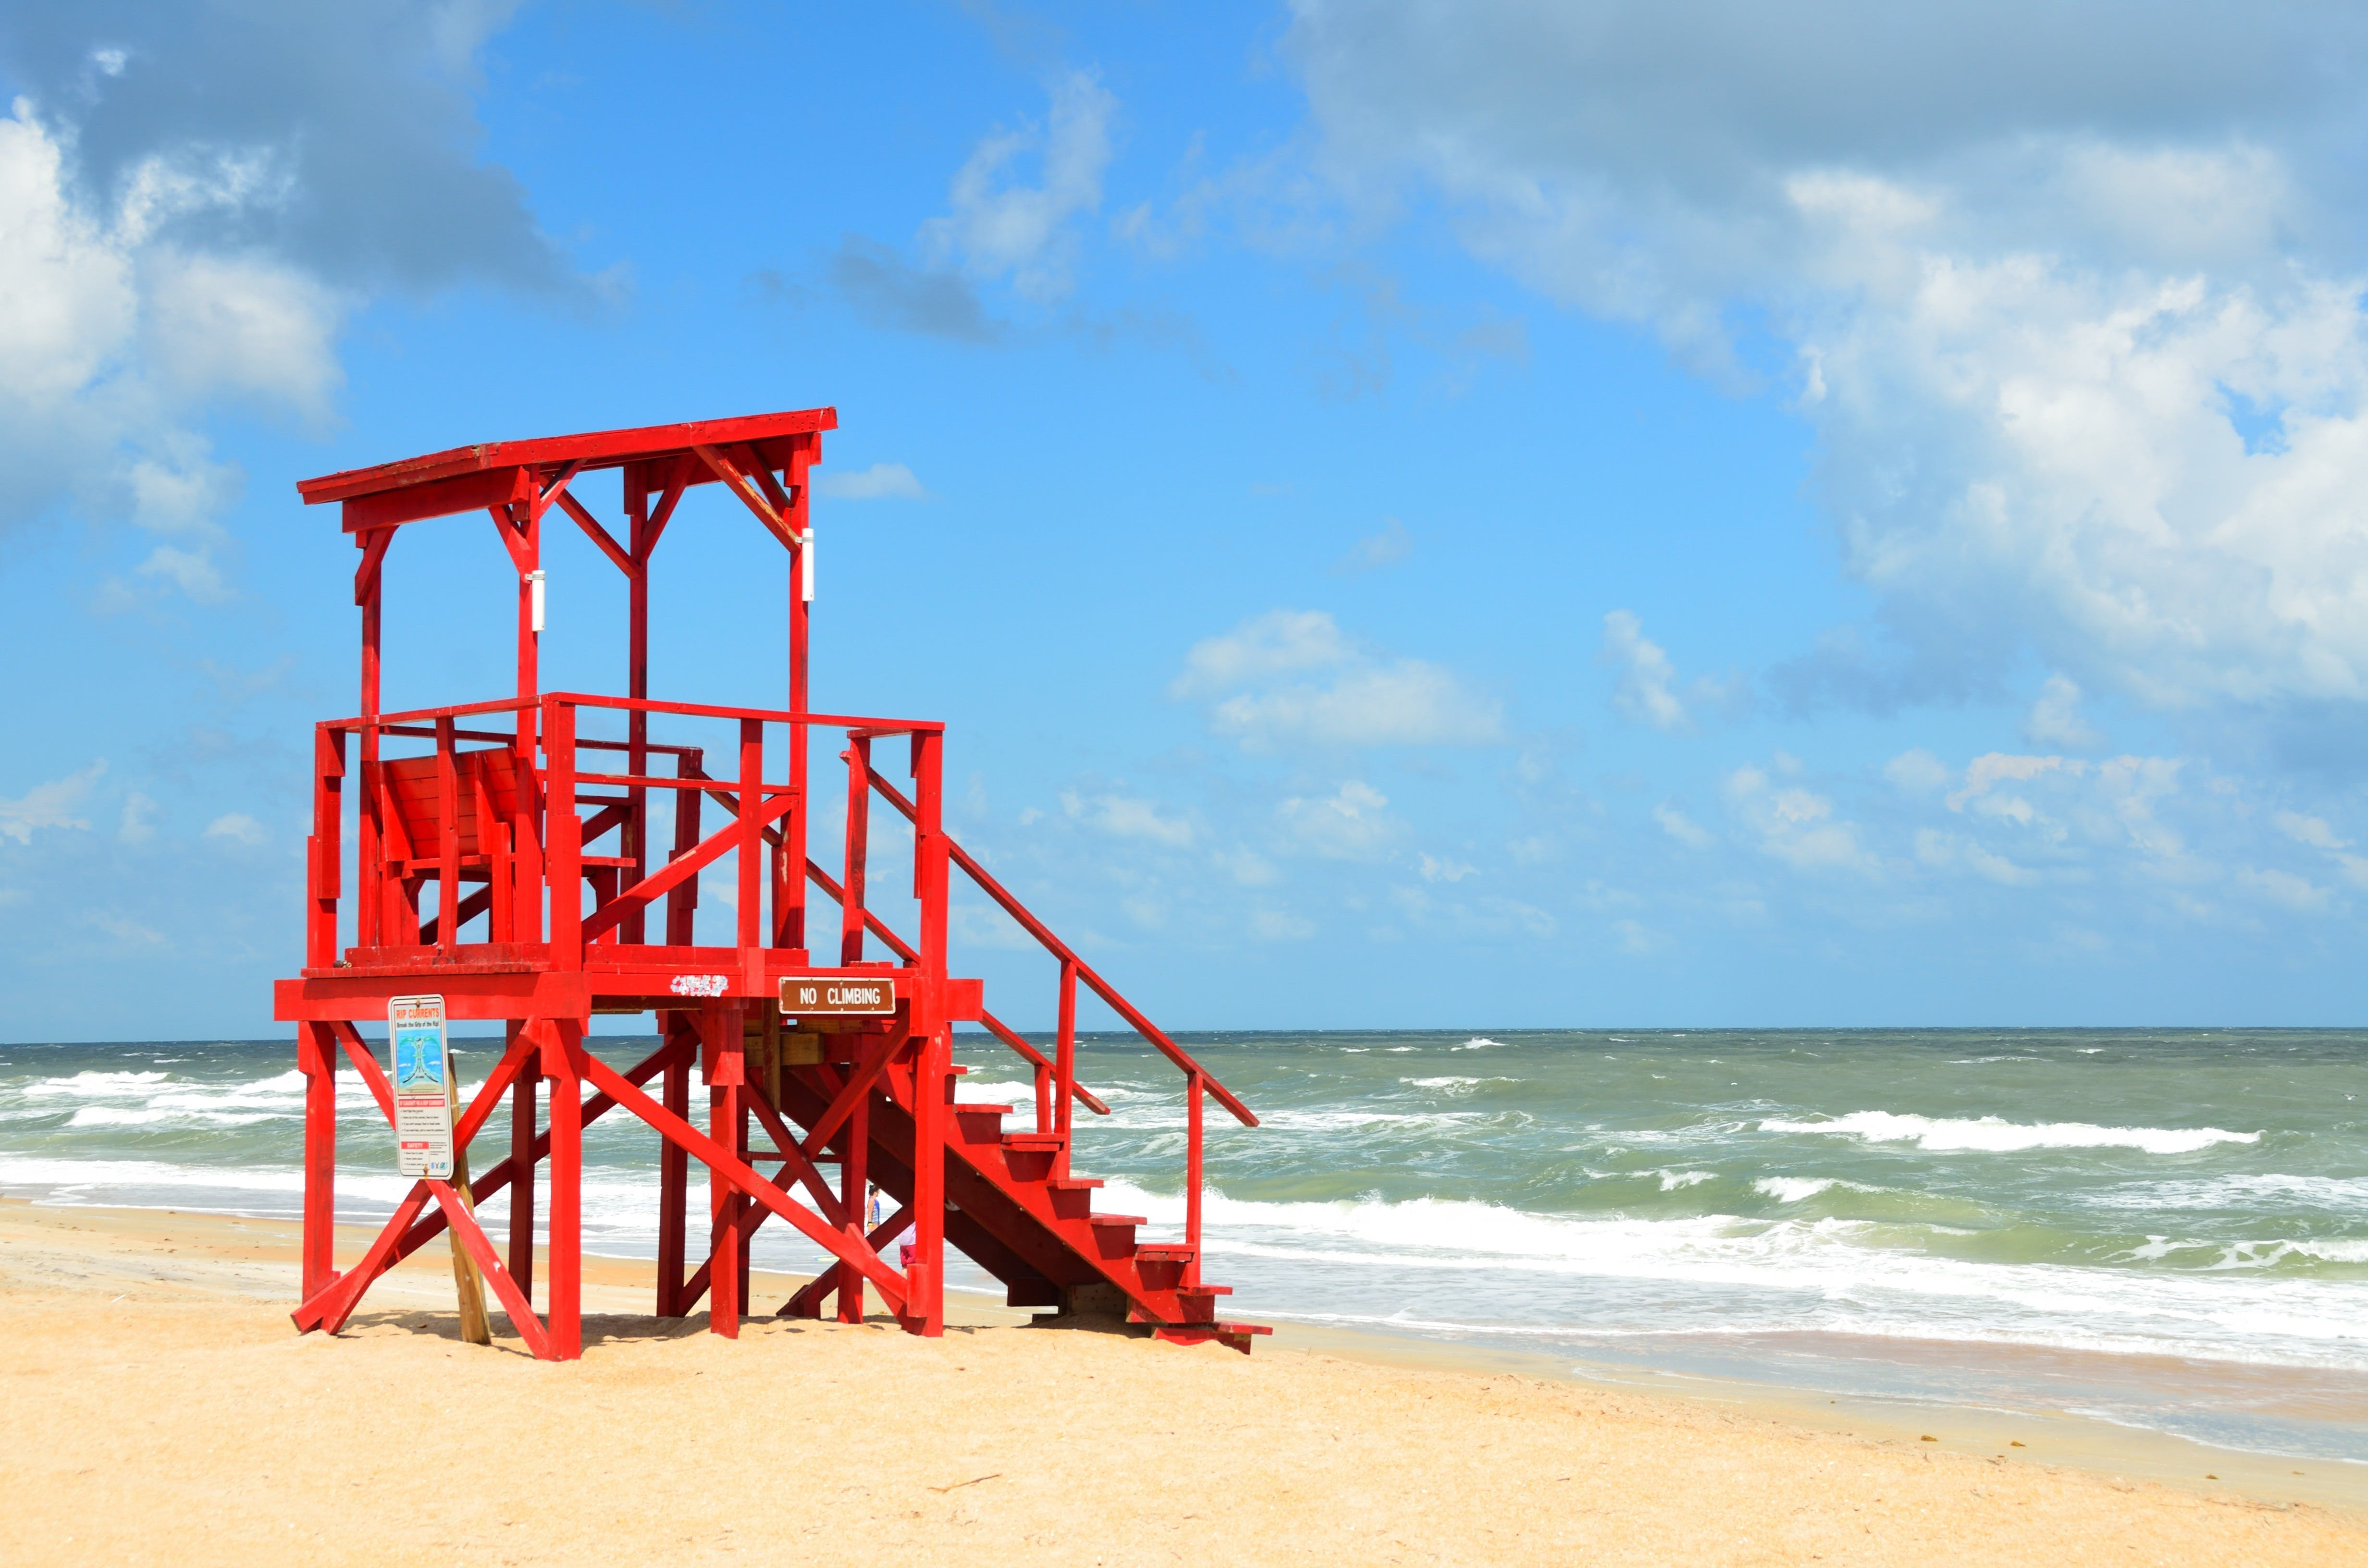 Δωρεάν στοκ φωτογραφιών με αδειάζω, ακτογραμμή, άμμος, ασφάλεια